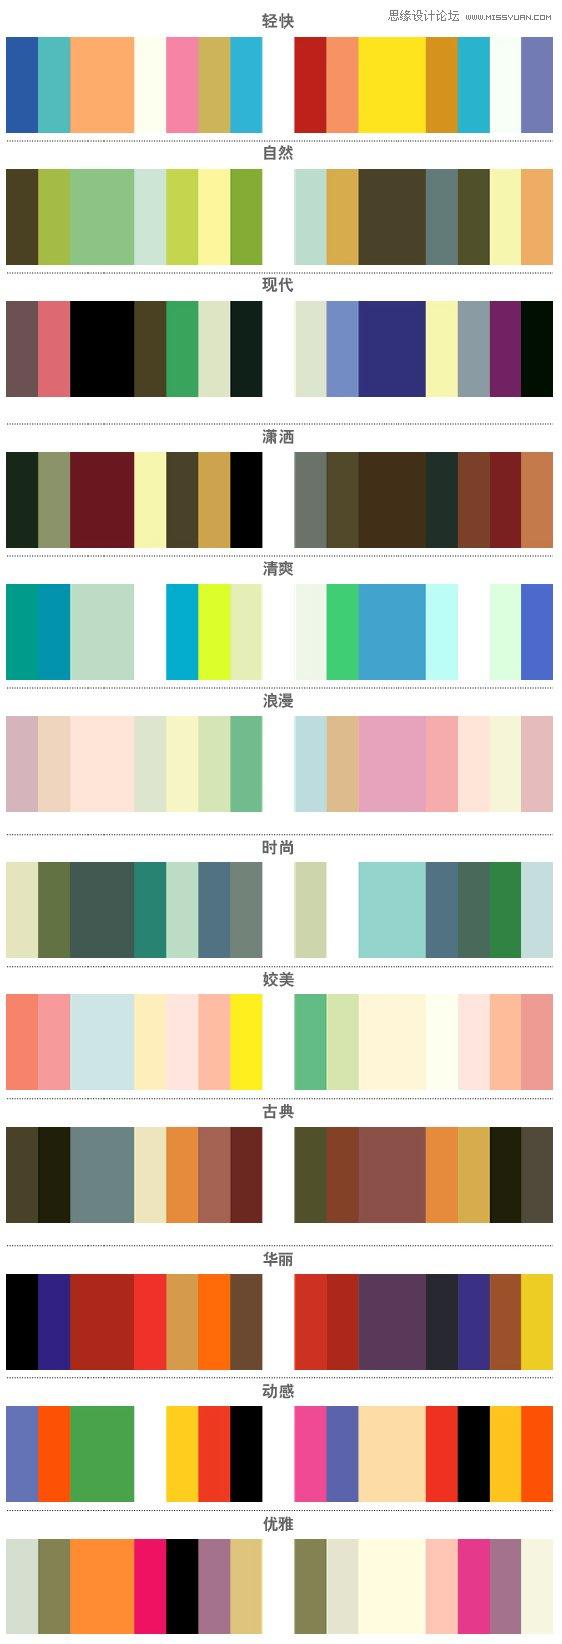 詳細解析配色方案及色彩心理學